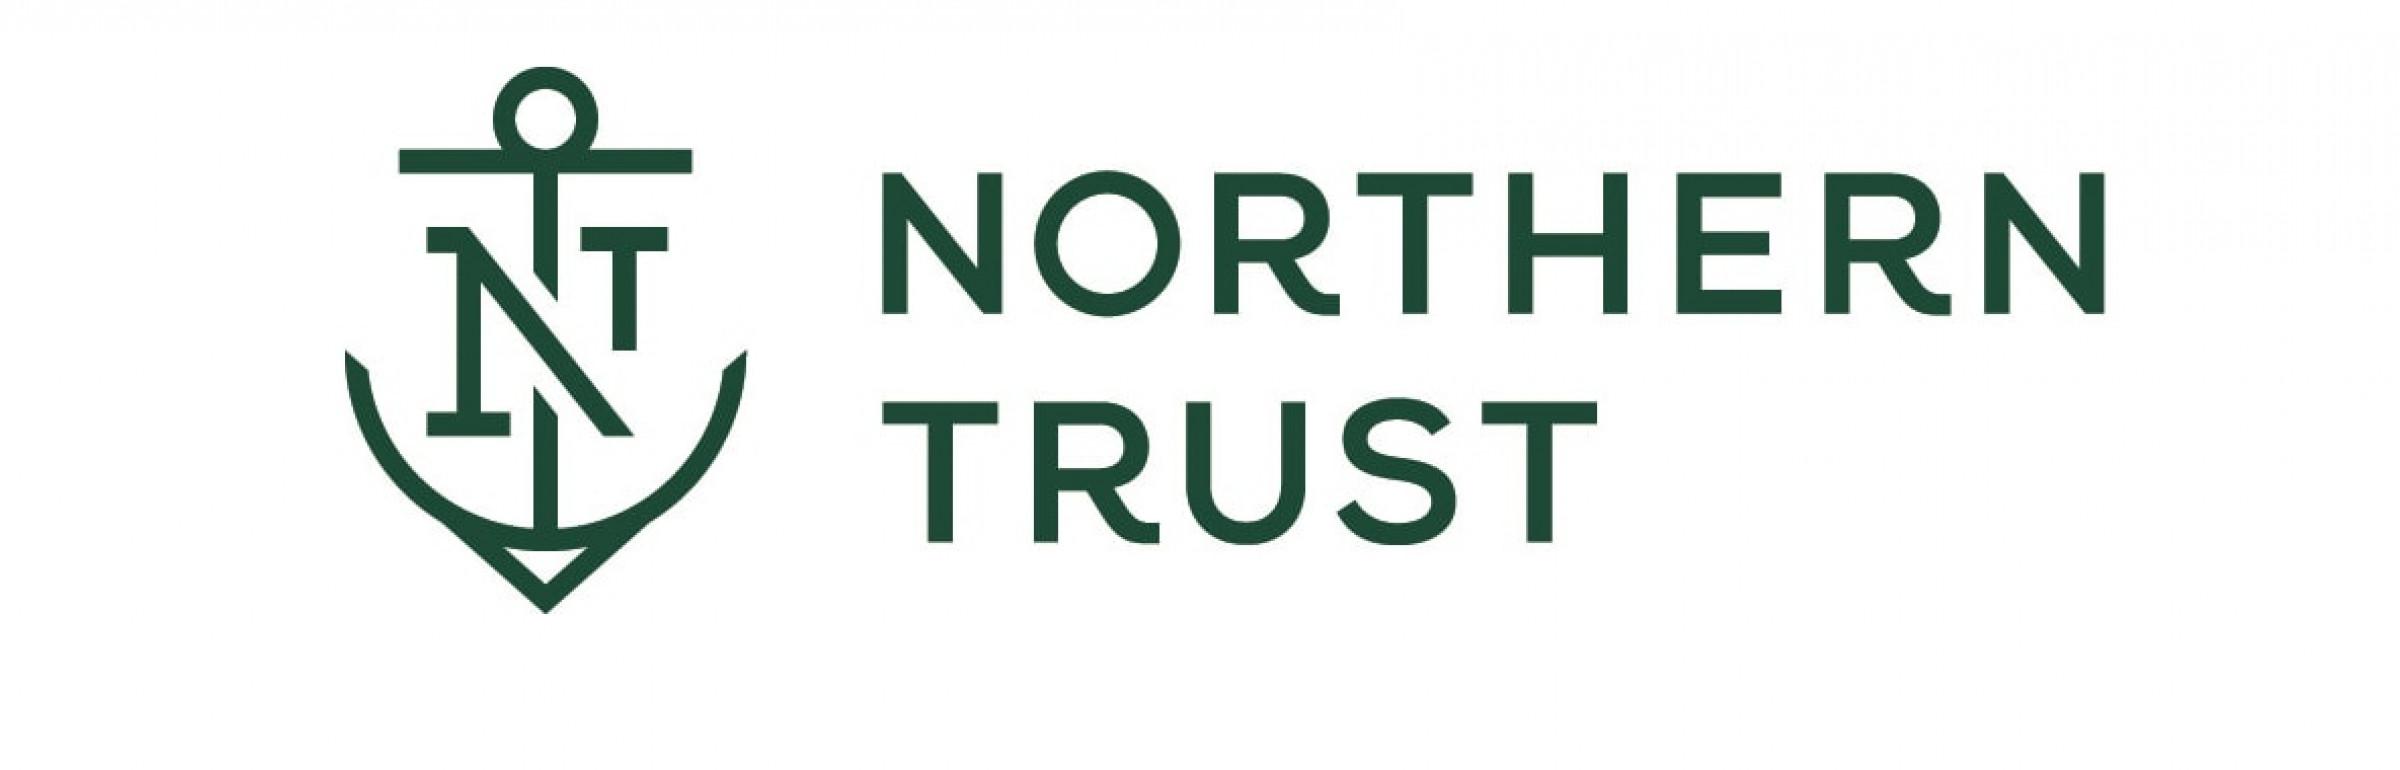 Banner NORTHERN TRUST